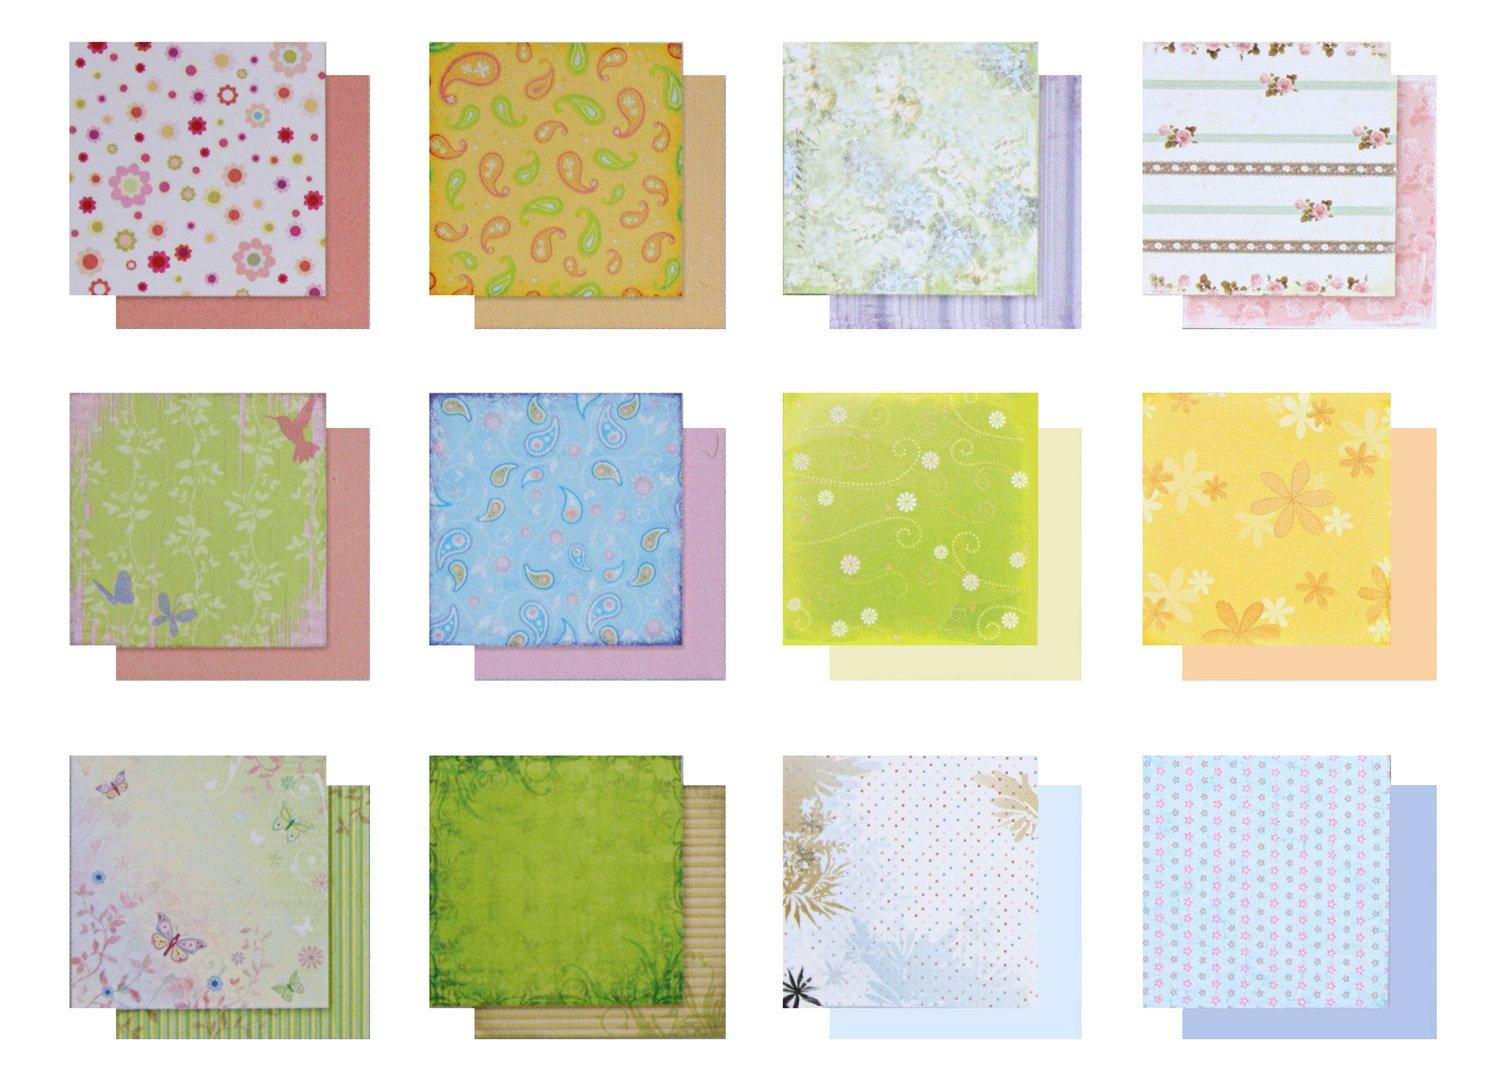 Folia 11549 Art paper pad 12fogli carta da disegno